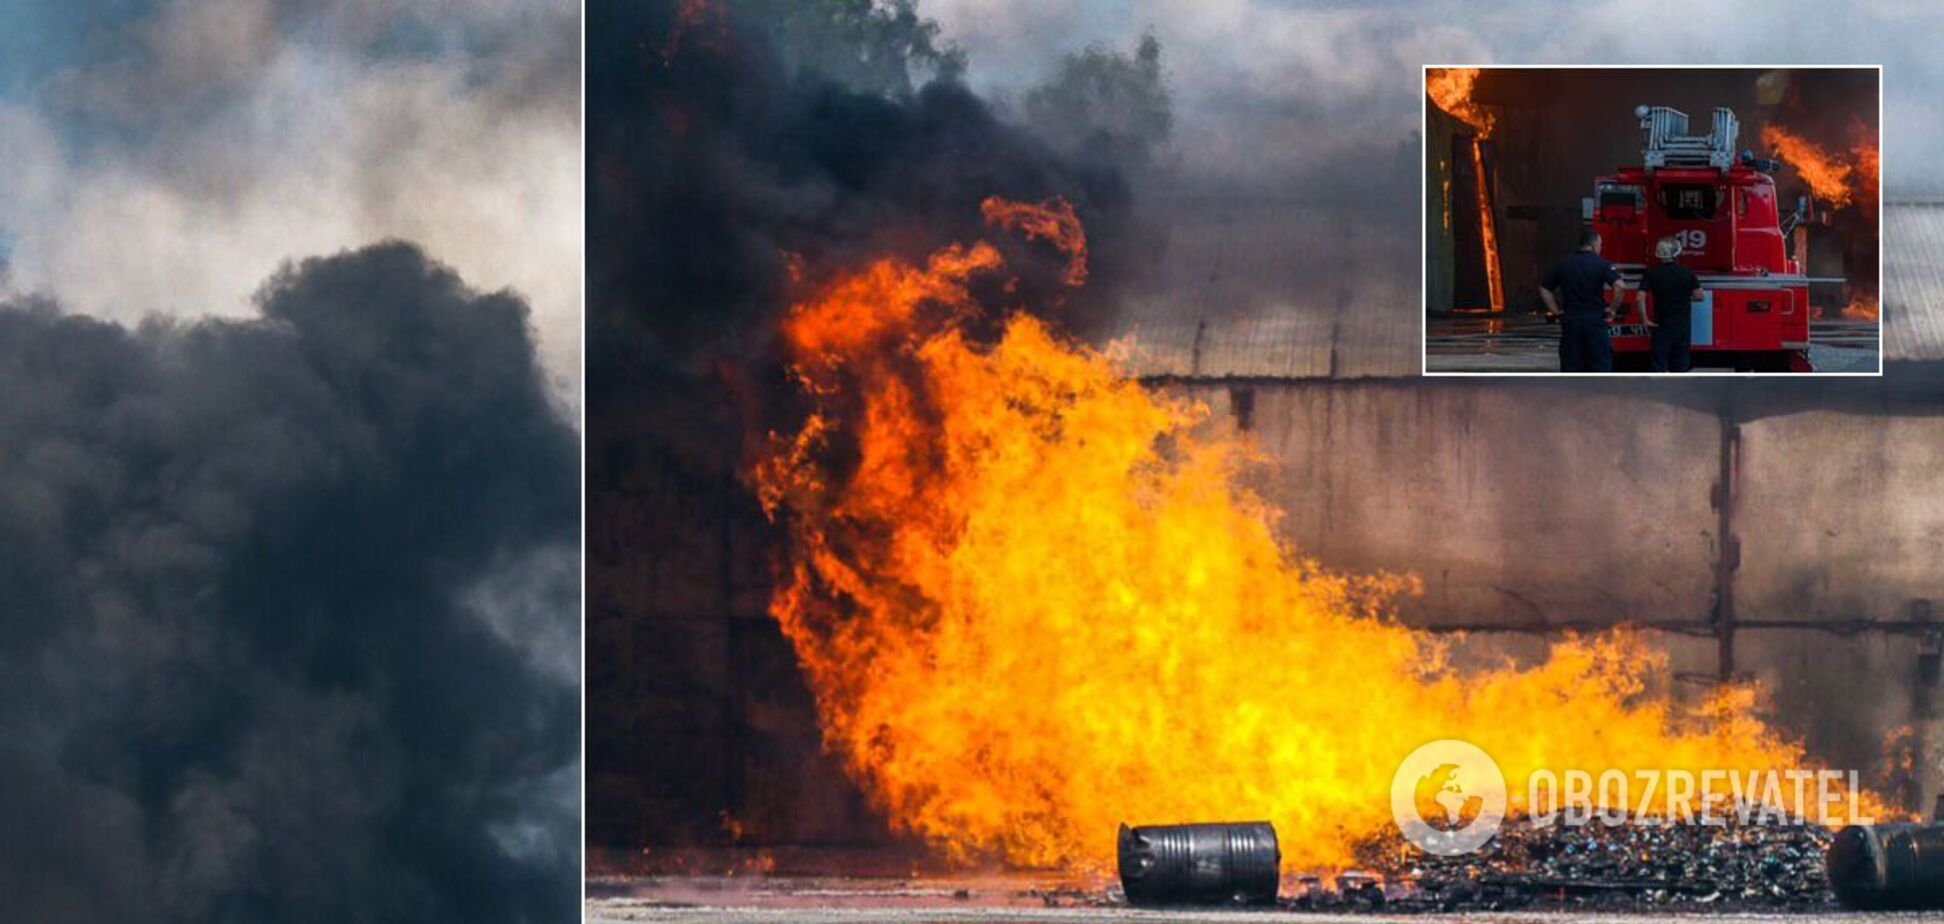 У Дніпрі горіли склади з хімікатами: людей евакуювали. Фото і відео з місця НП